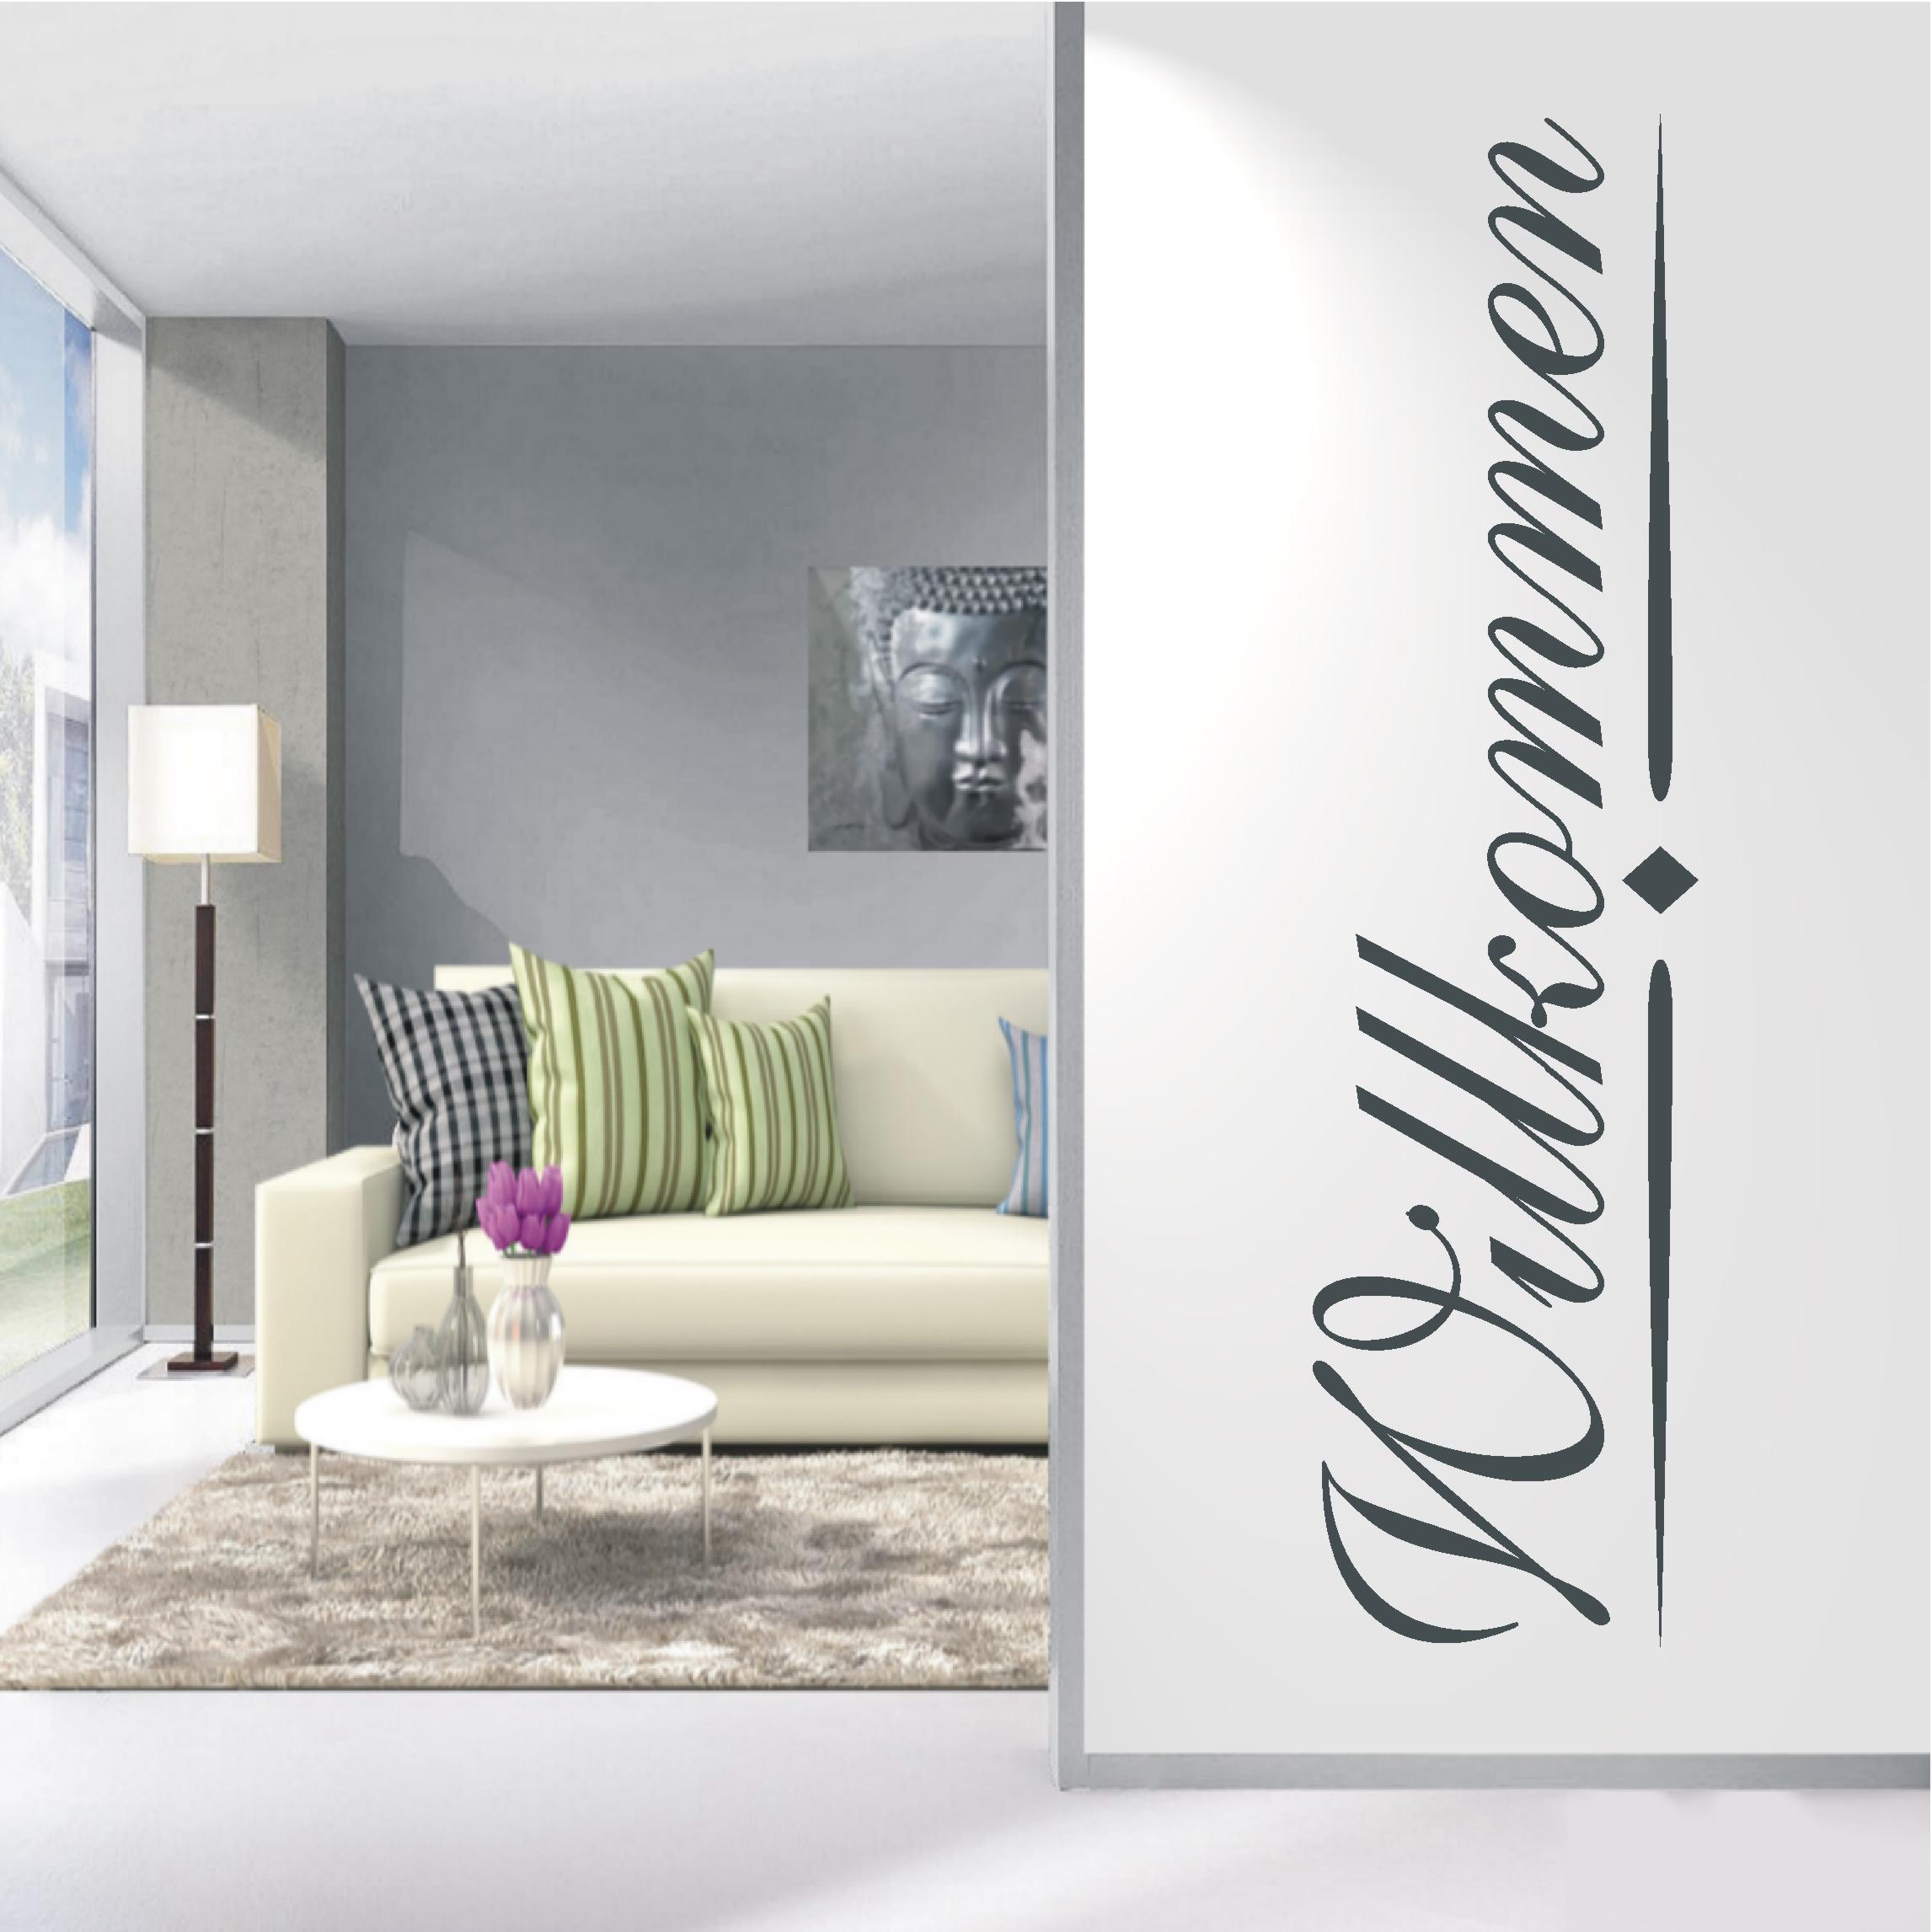 wandtattoo willkommen wandaufkleber wandsticker wohnzimmer. Black Bedroom Furniture Sets. Home Design Ideas